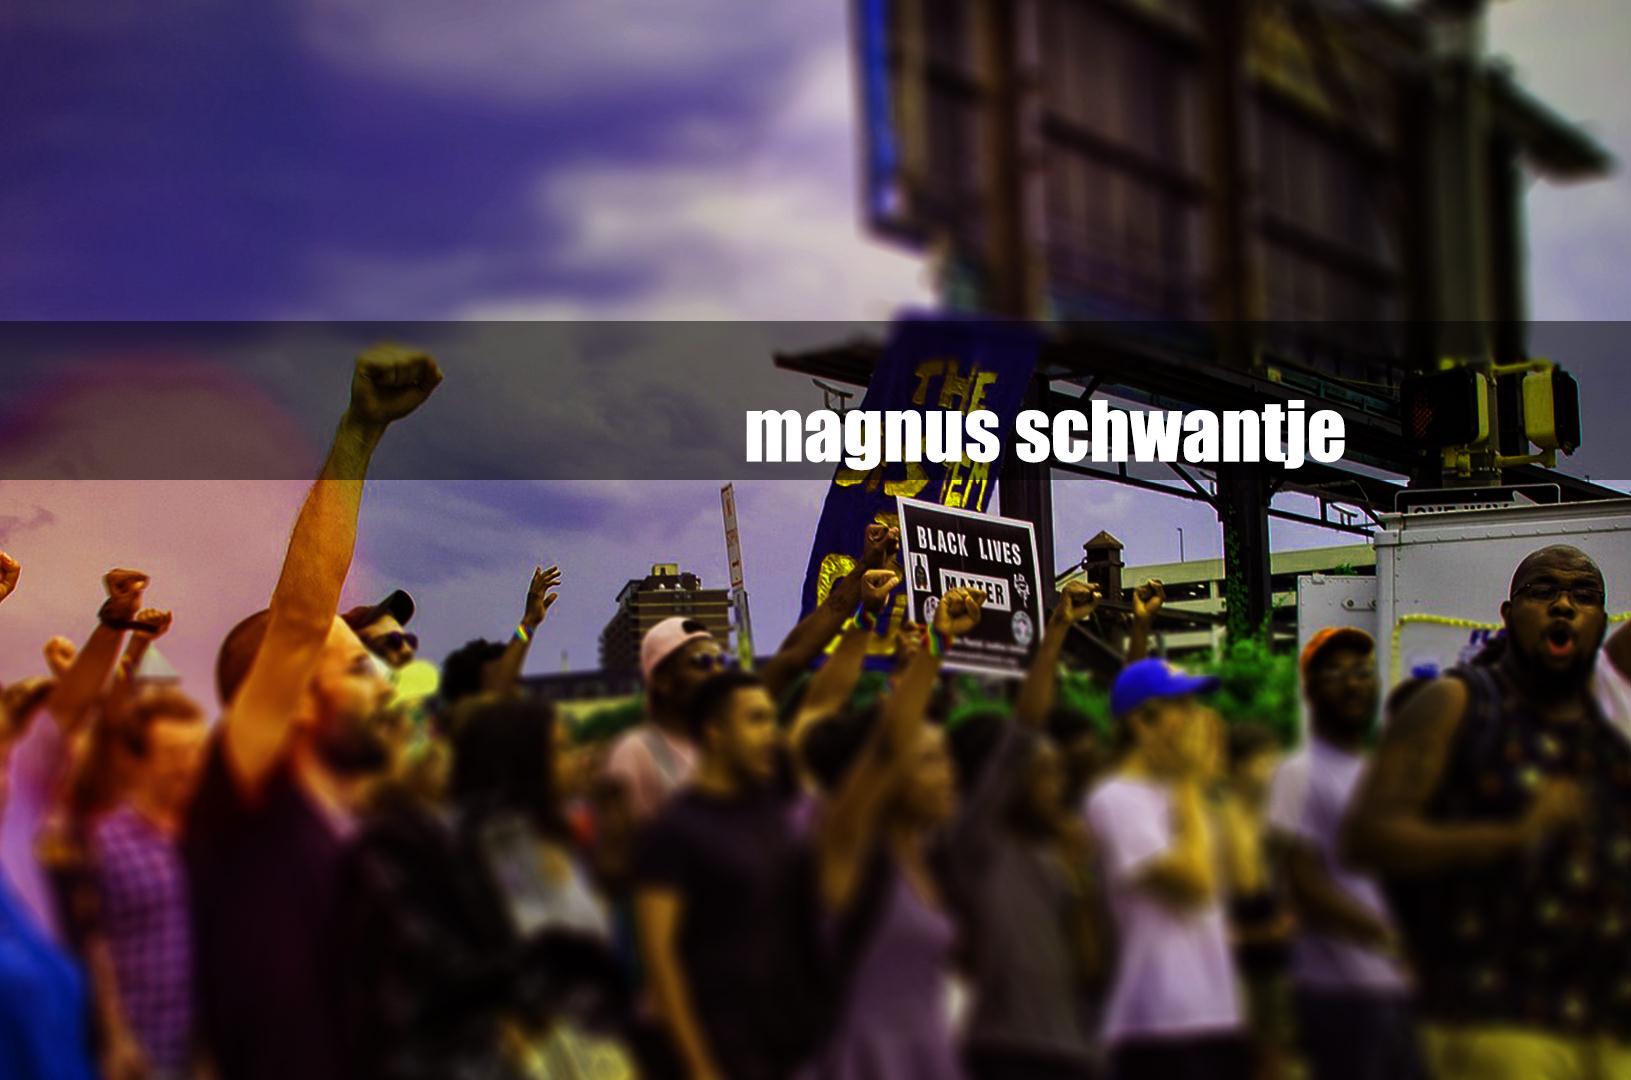 Magnus Schwantje – Die Beziehungen der Tierschutzbewegung zu anderen ethischen Bestrebungen